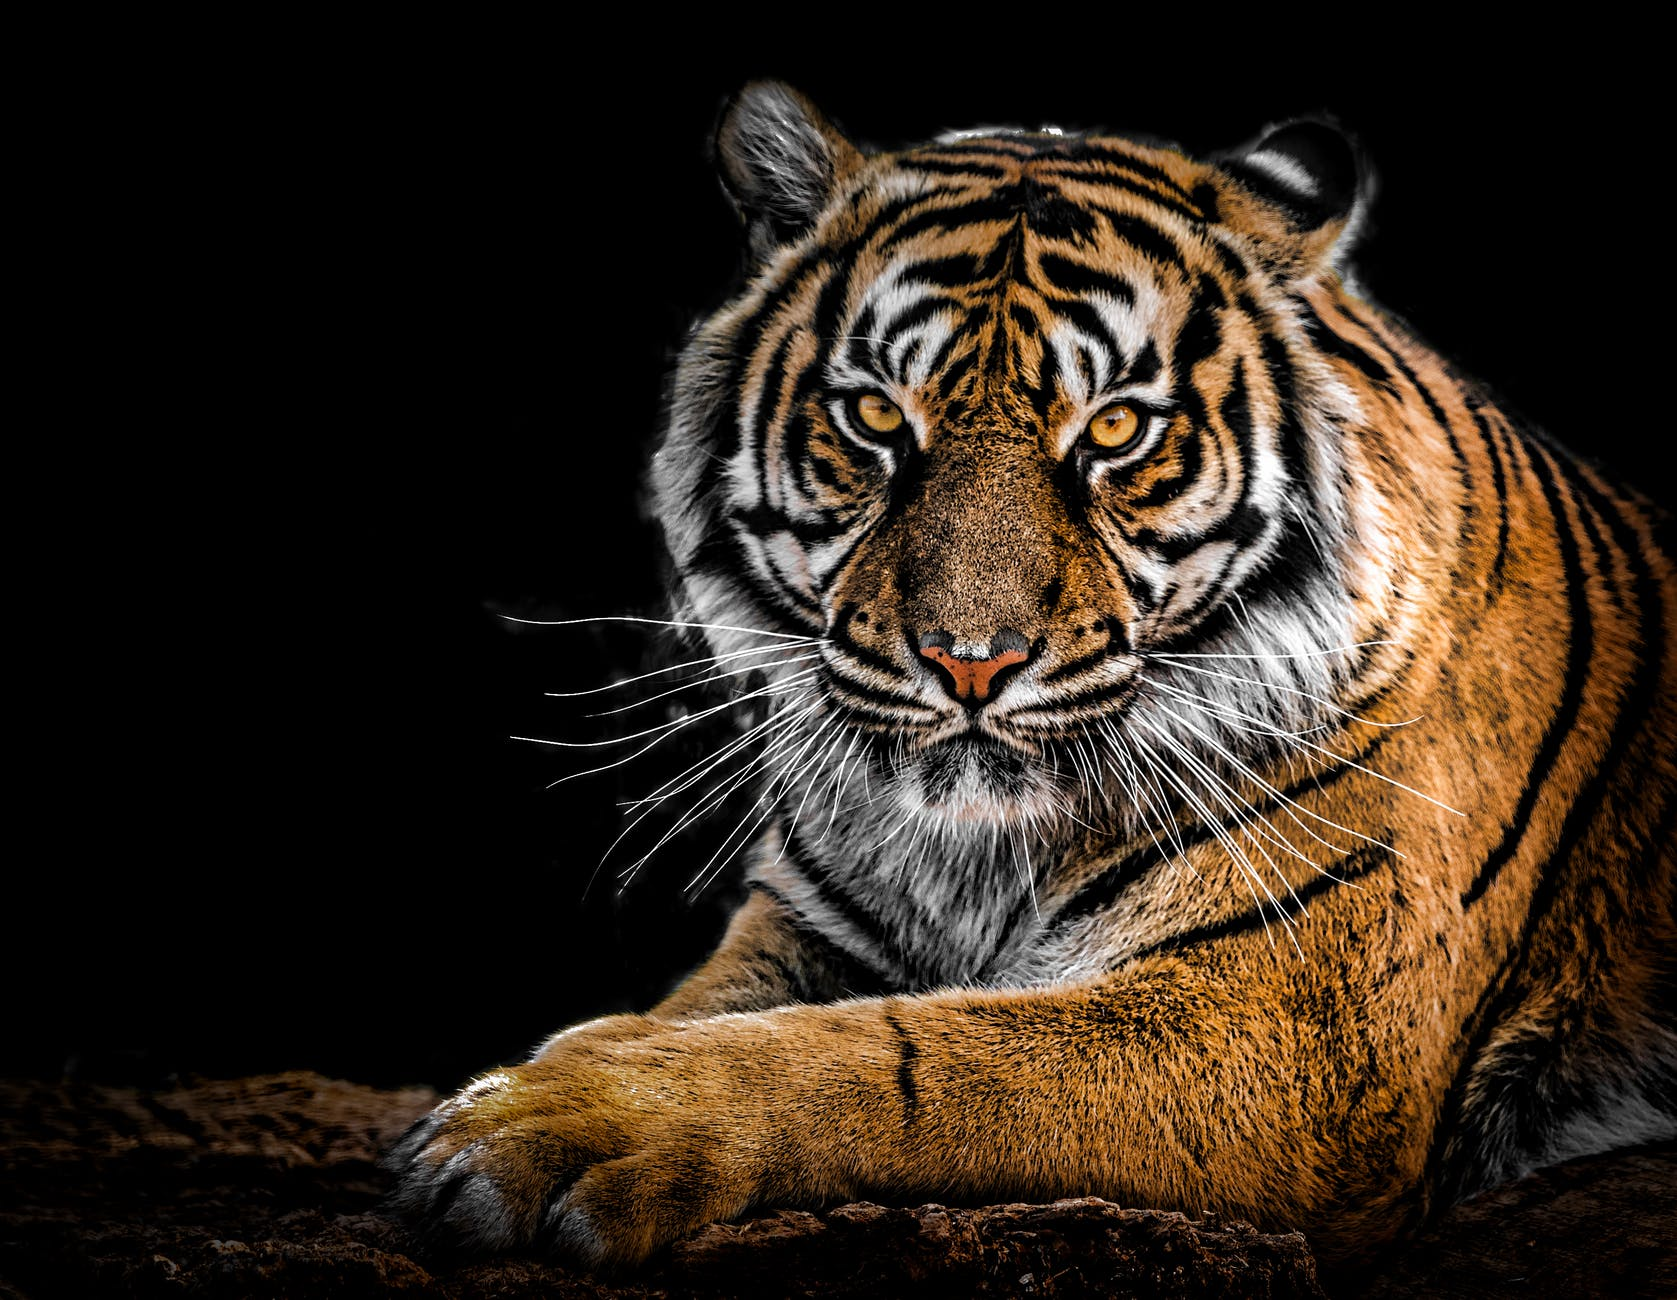 凝視, 動物, 動物攝影